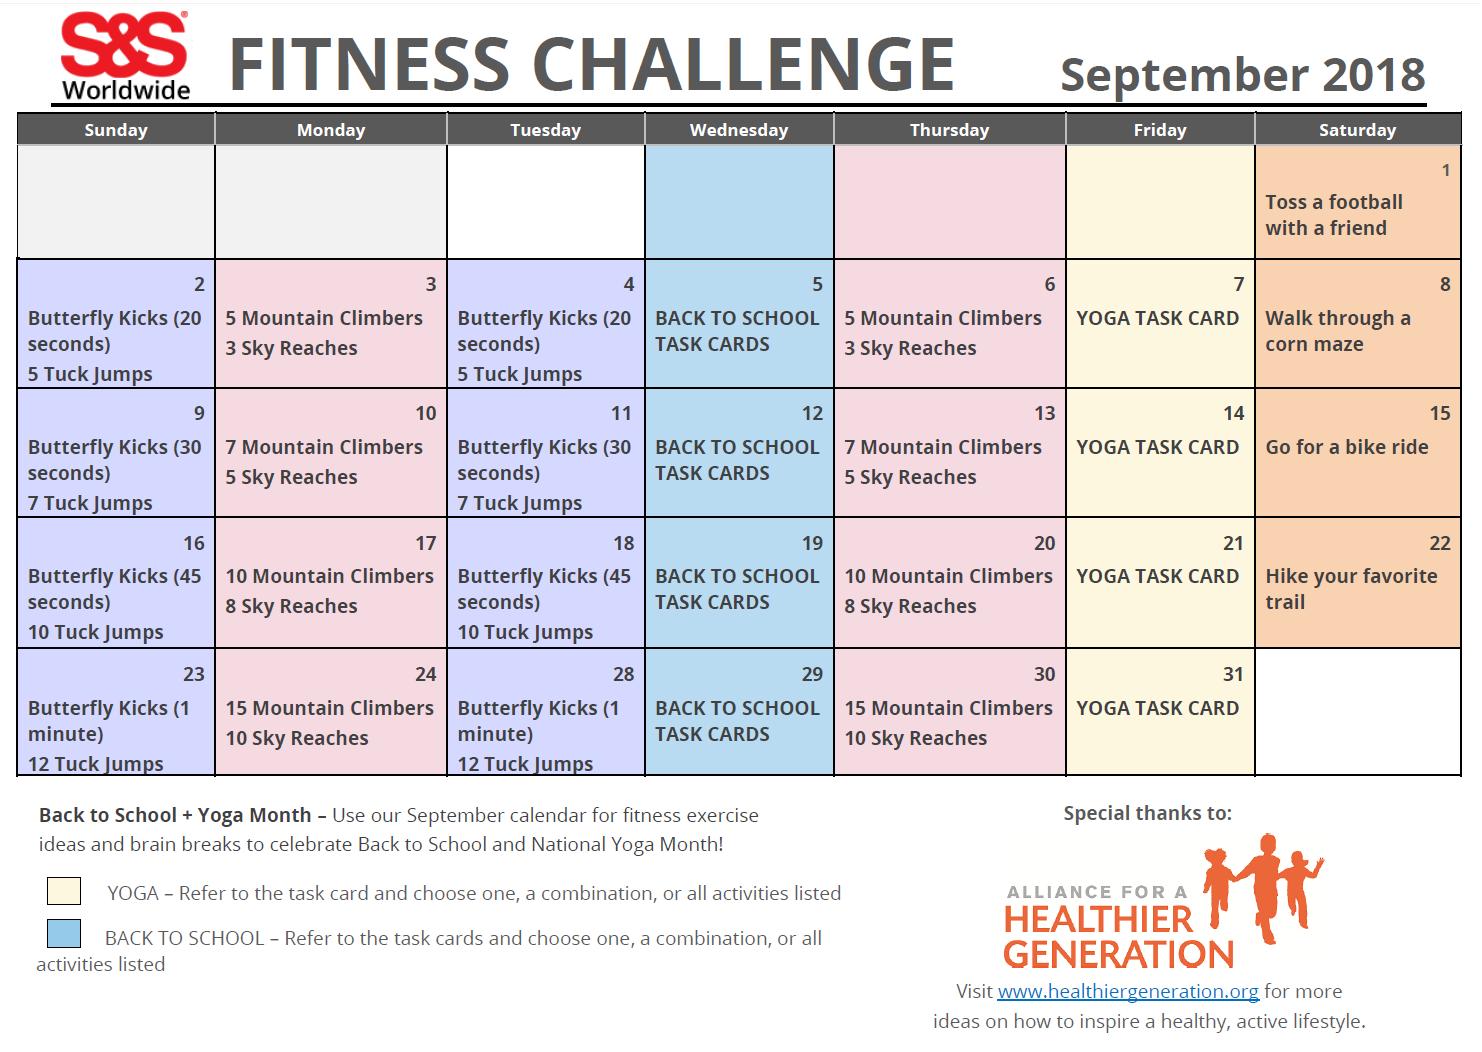 Workout Calendar Template 2018 | Kayaworkout co